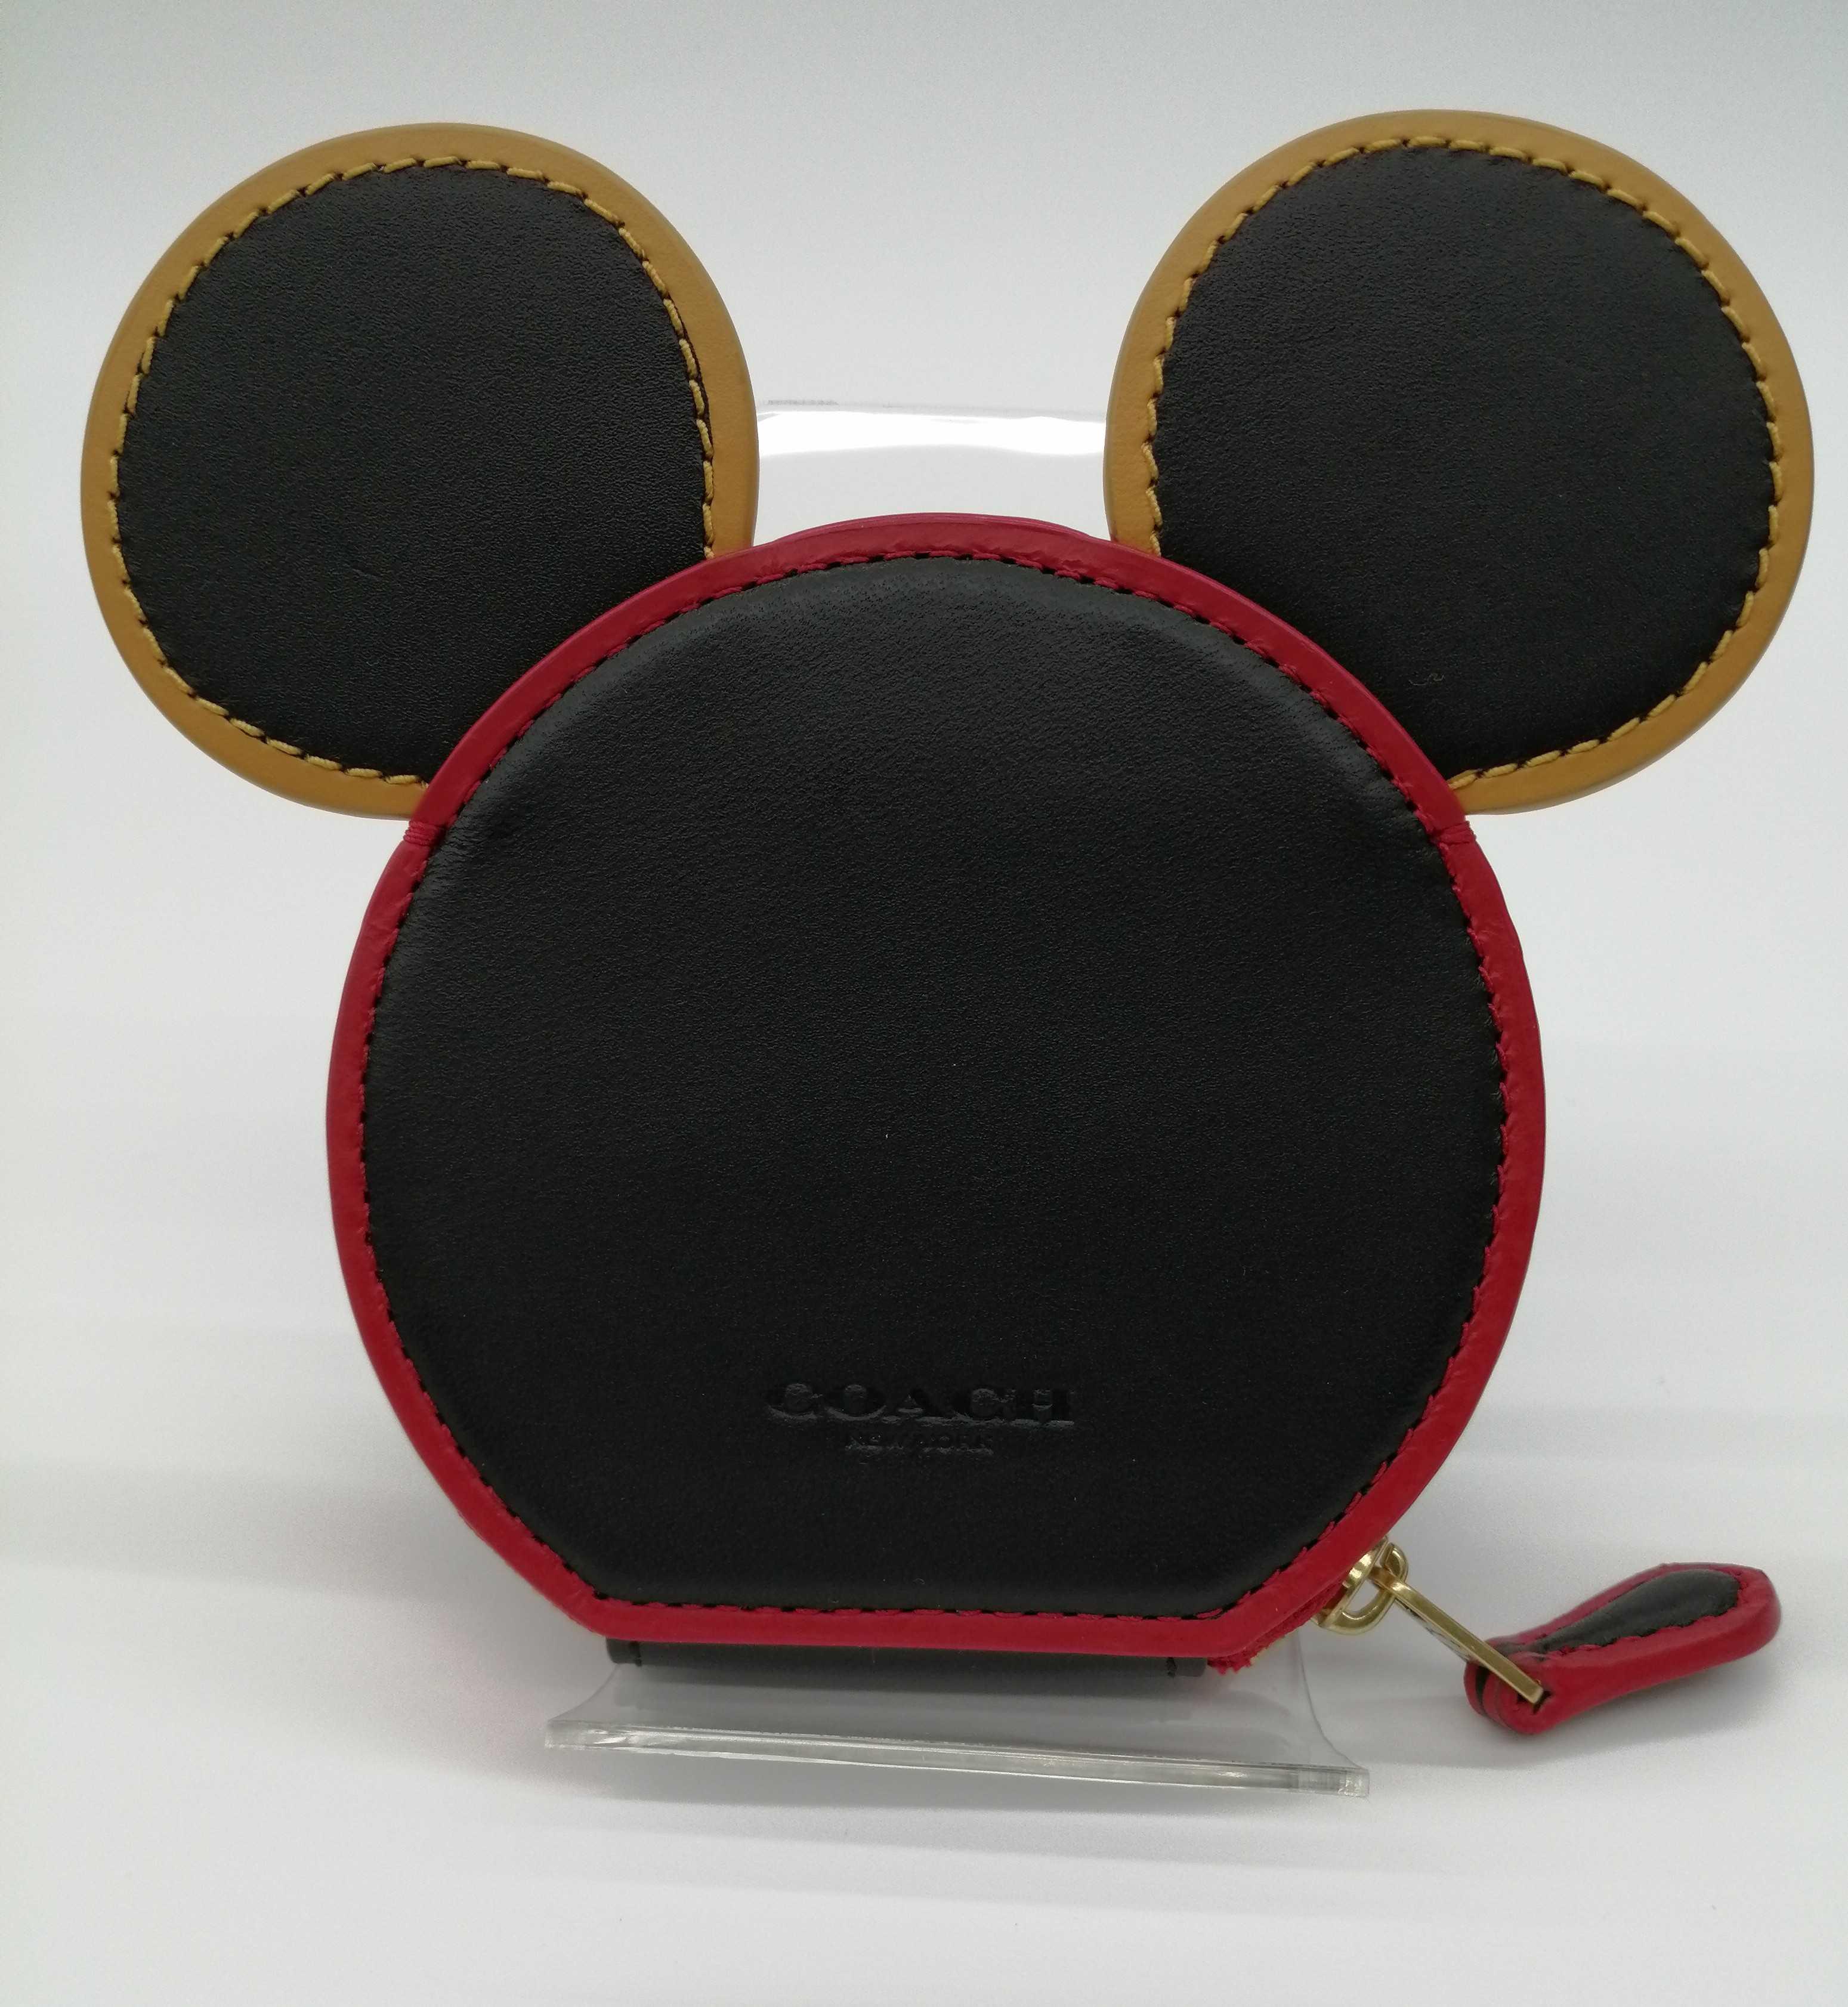 ディズニーミッキーマウス×キースへリング コインケース|COACH